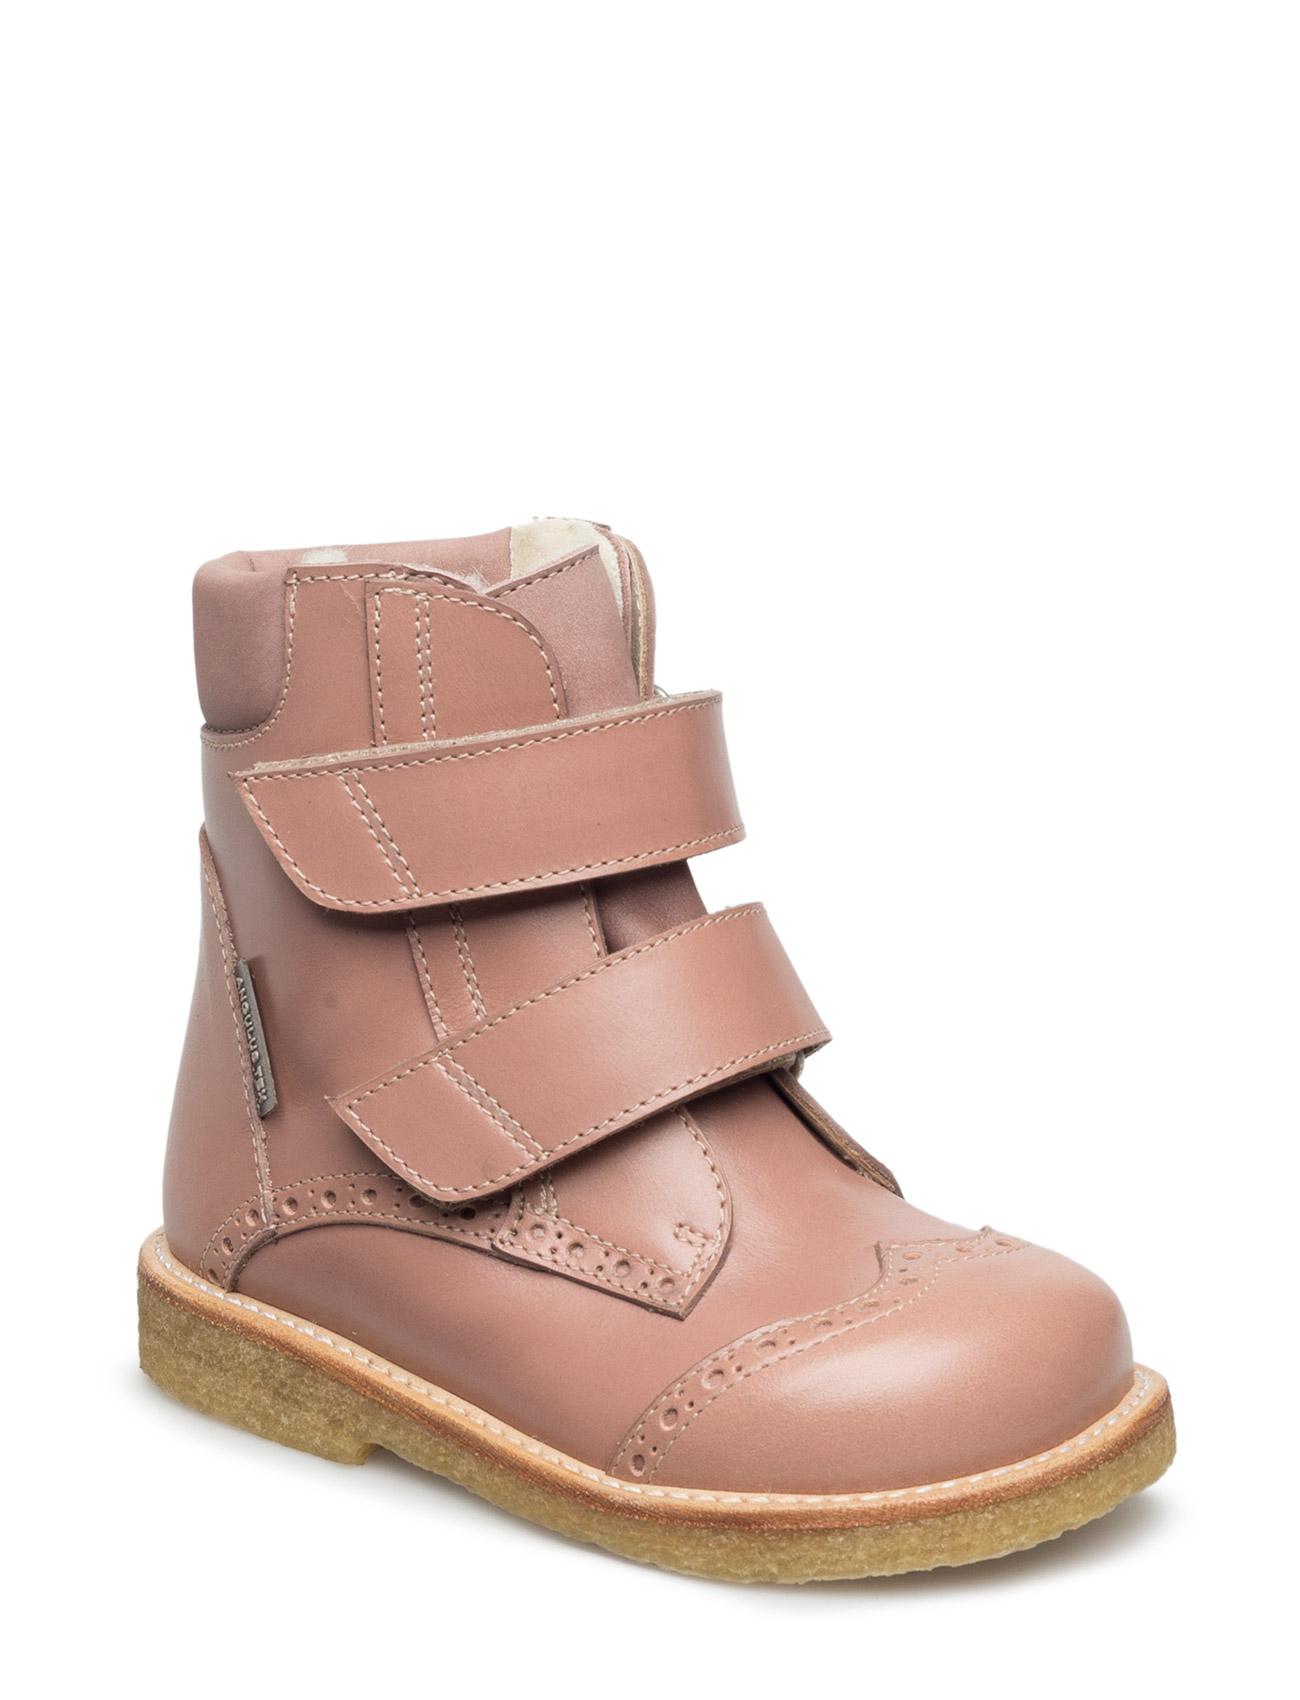 Angulus udsalg | Køb Angulus Sandaler og Støvler billigt online